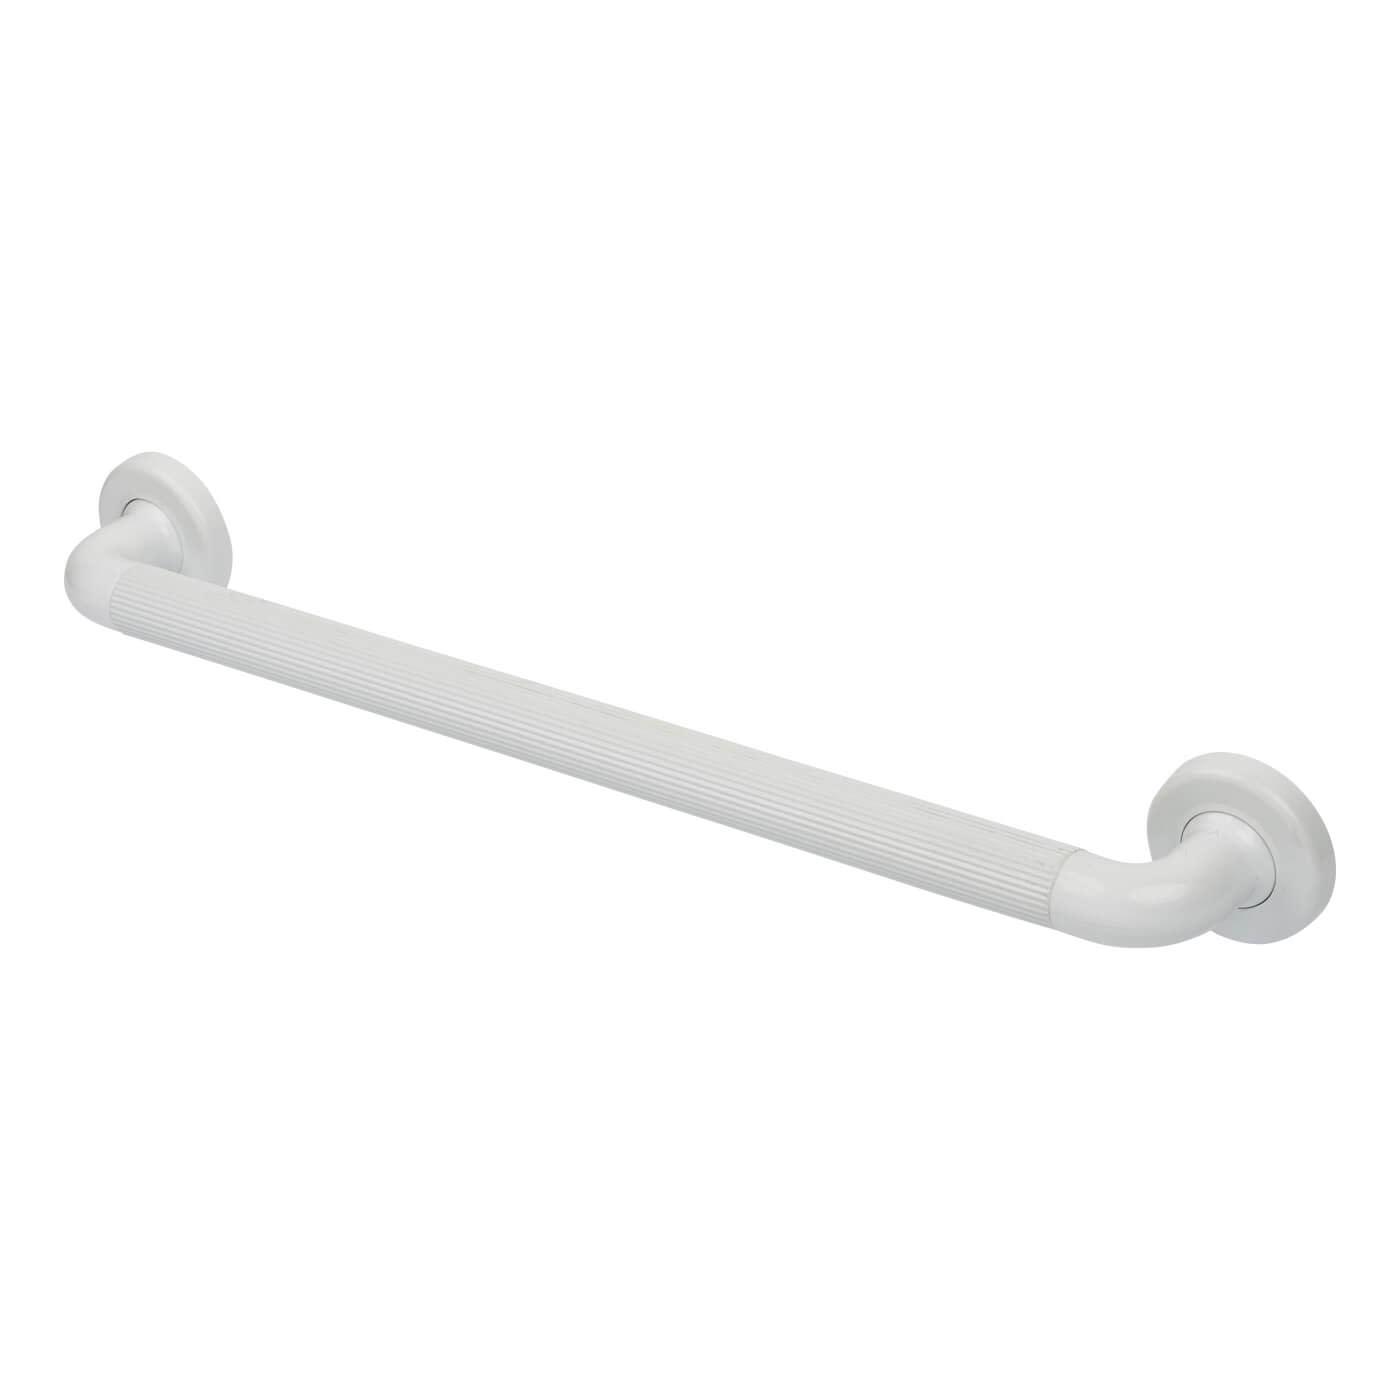 Nymas 36mm Plastic Fluted Grab Rail - 610mm - White)